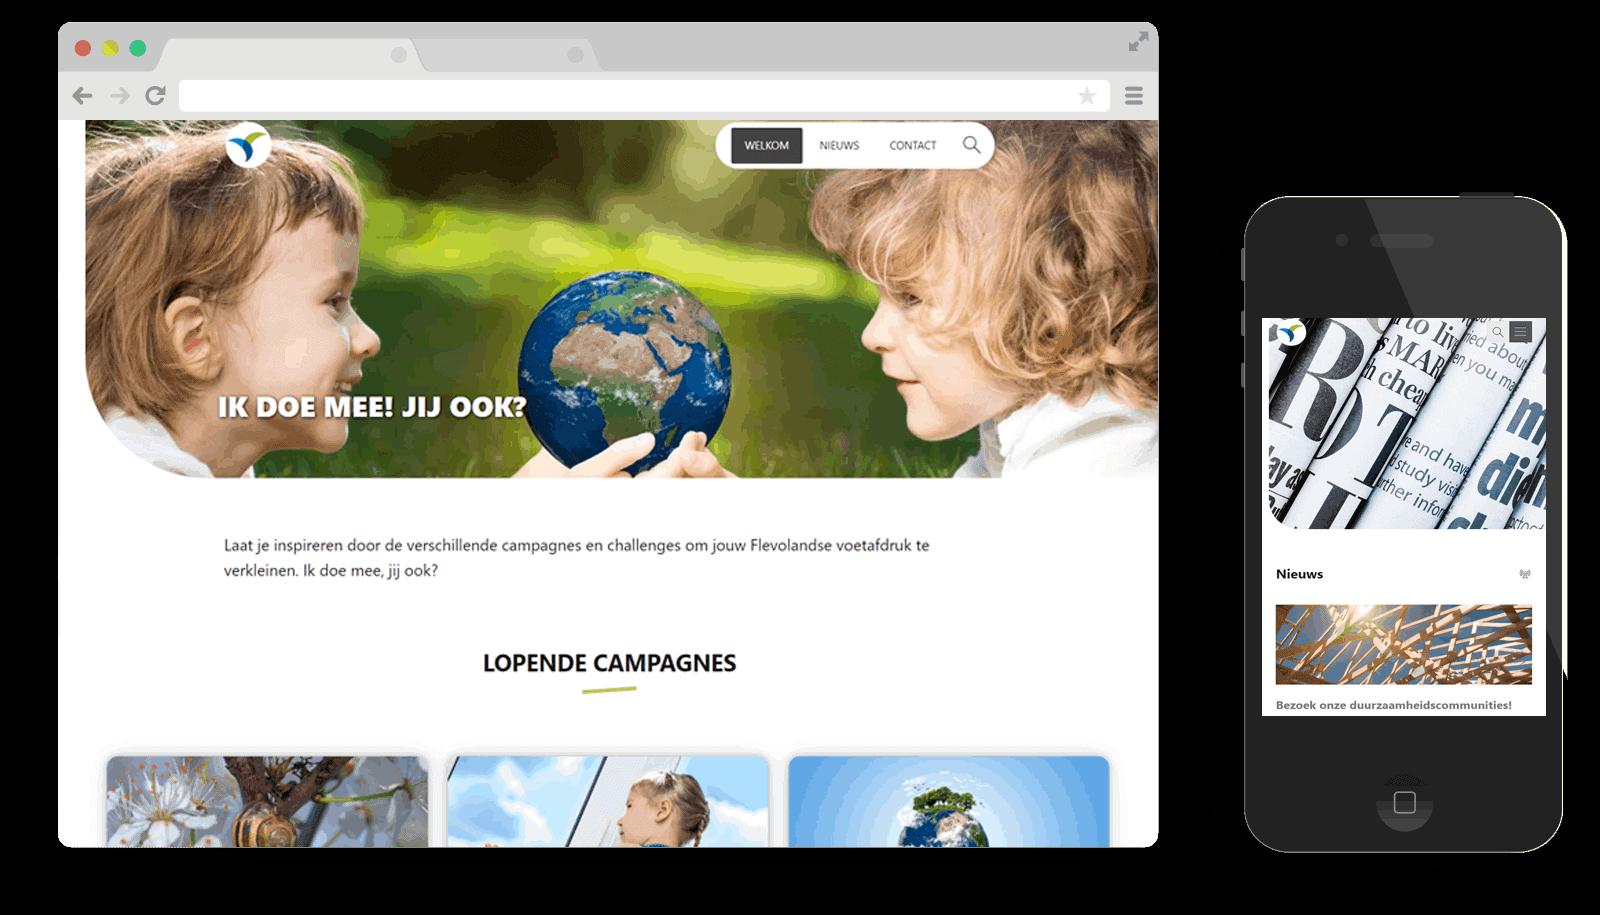 responsive WordPress theme ikdoemeejijook